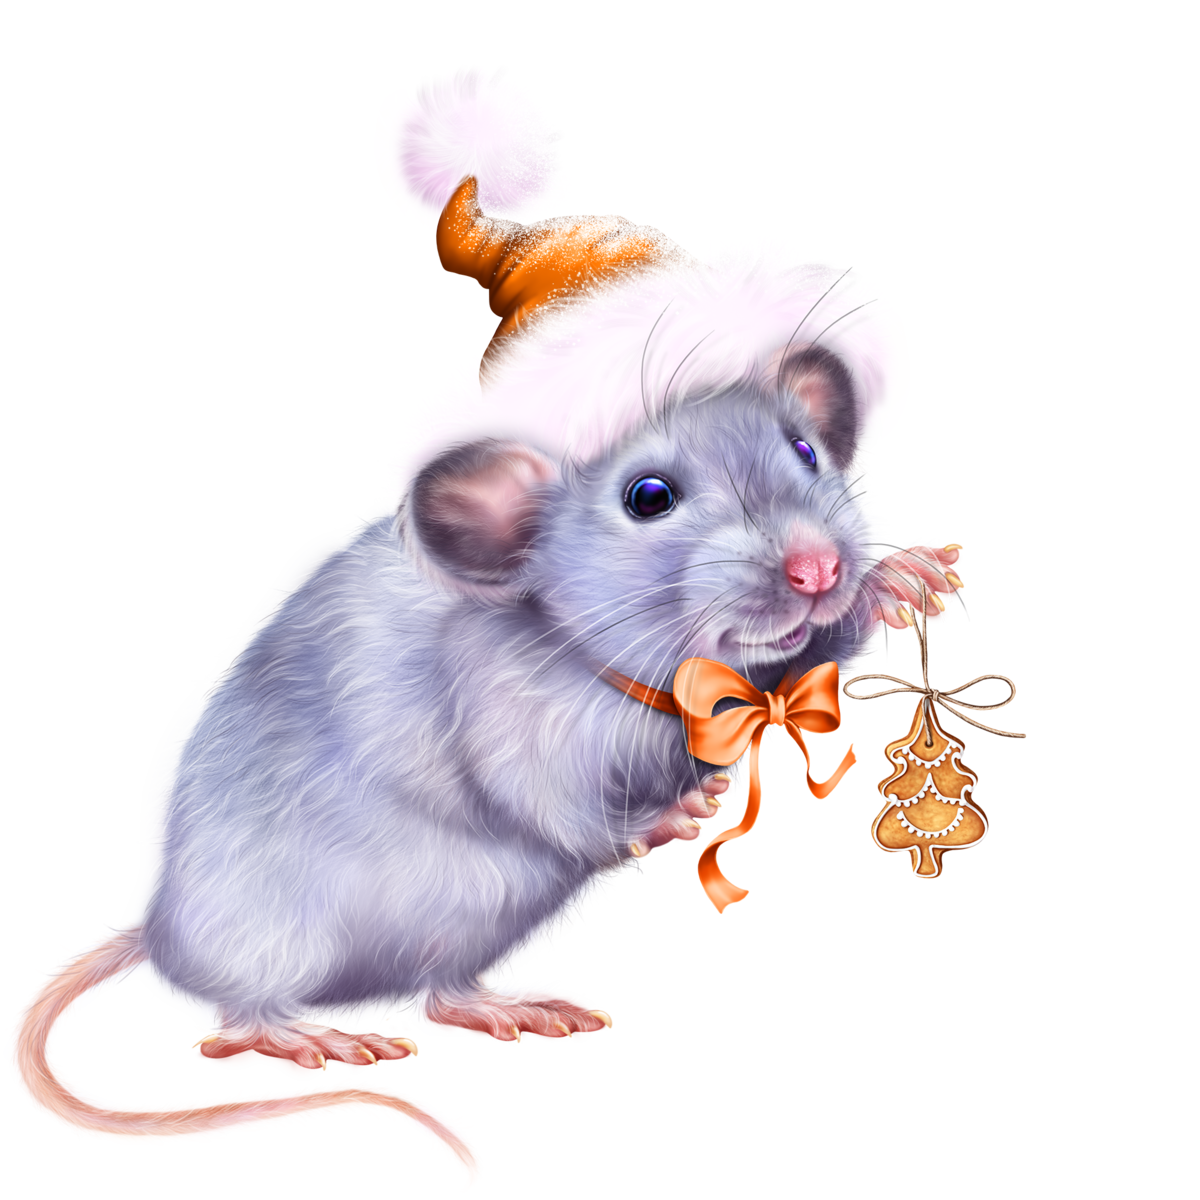 мышка2пнг (637x700, 54Kb)